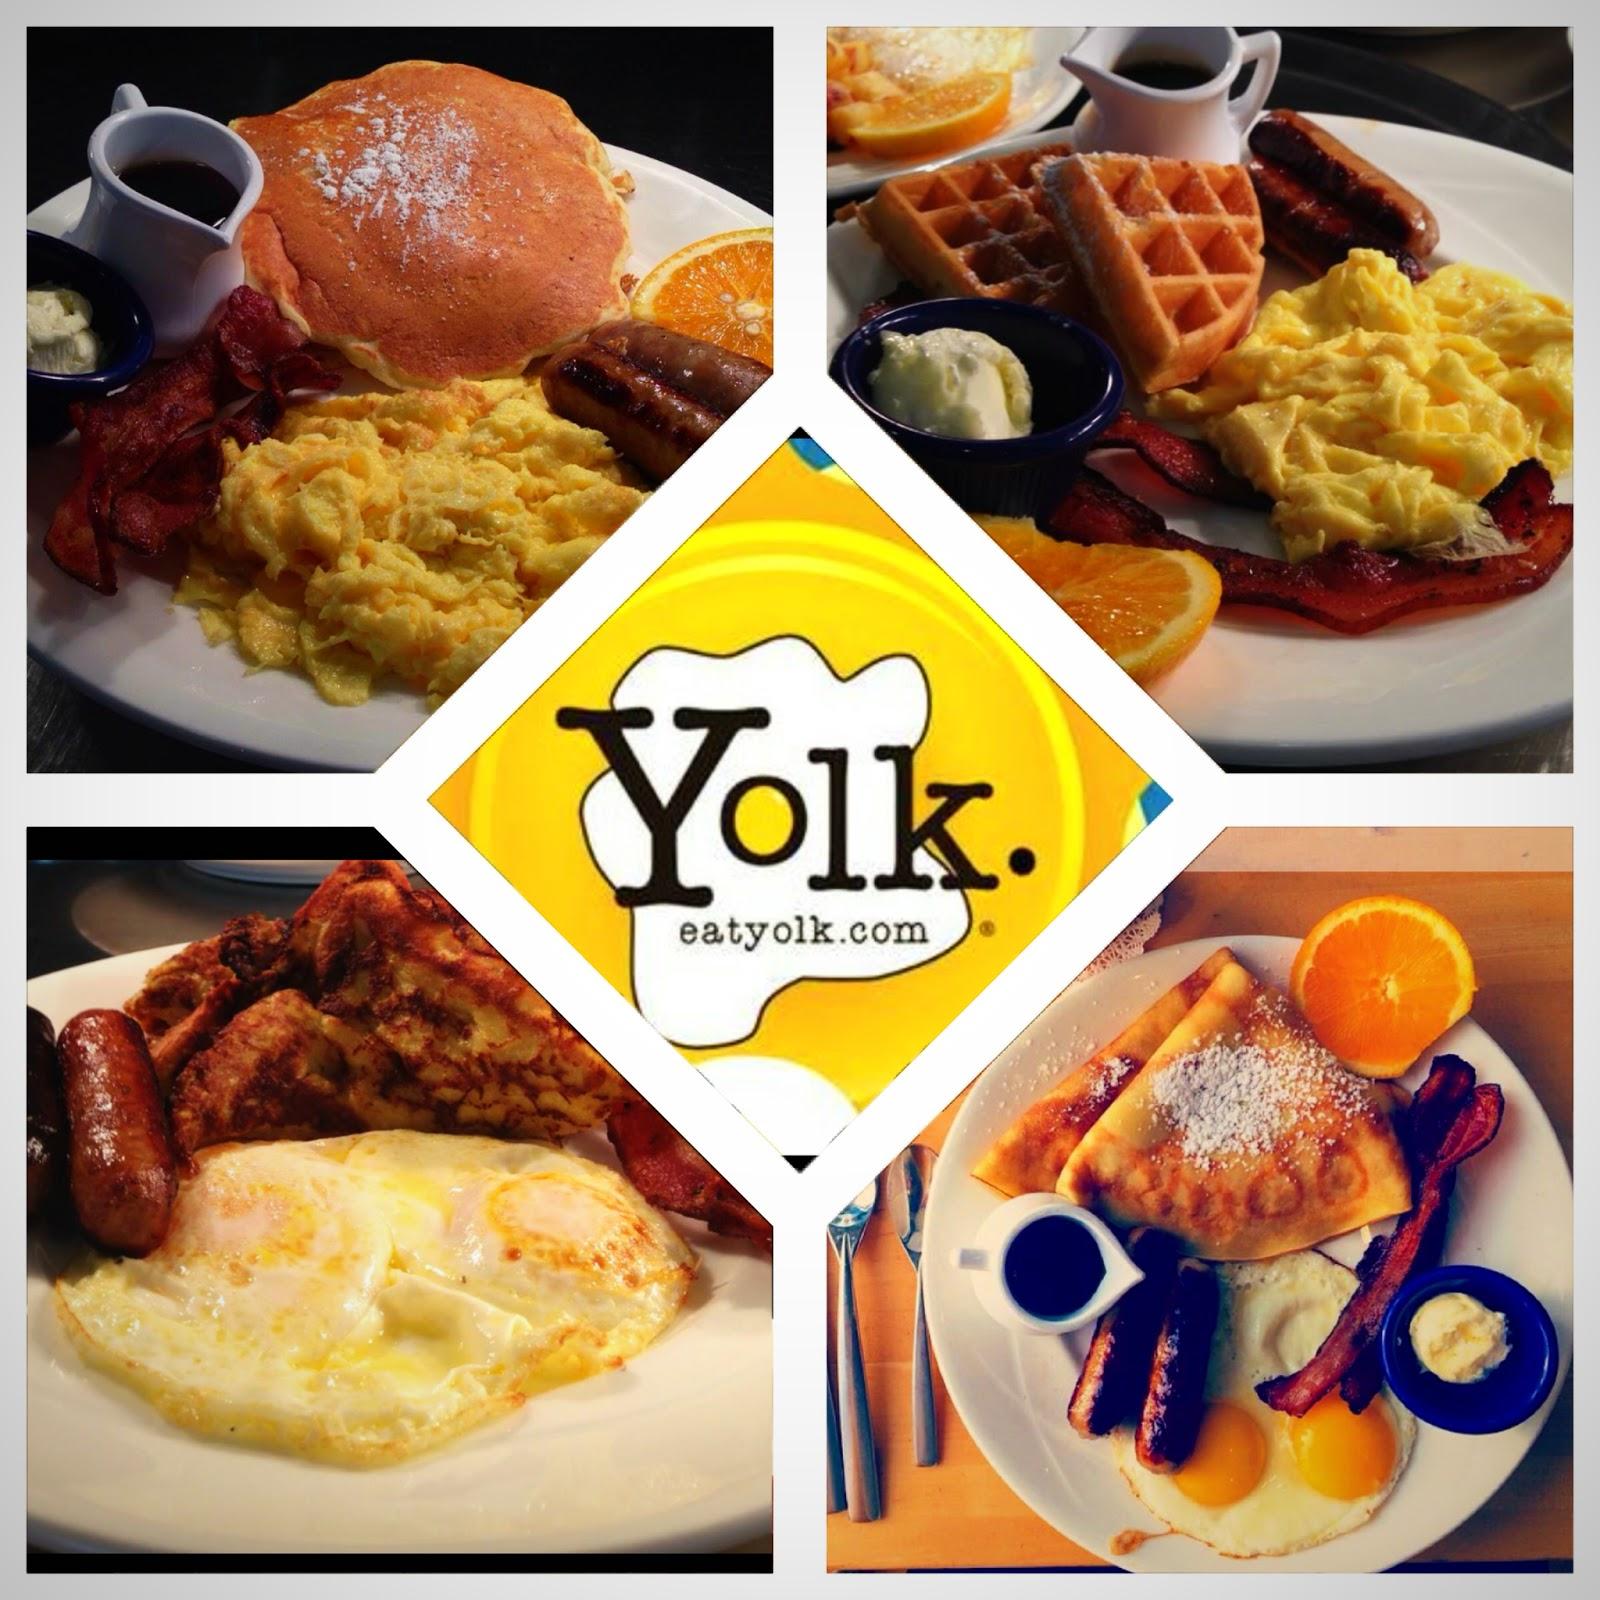 YOLK. All Star Breakfast